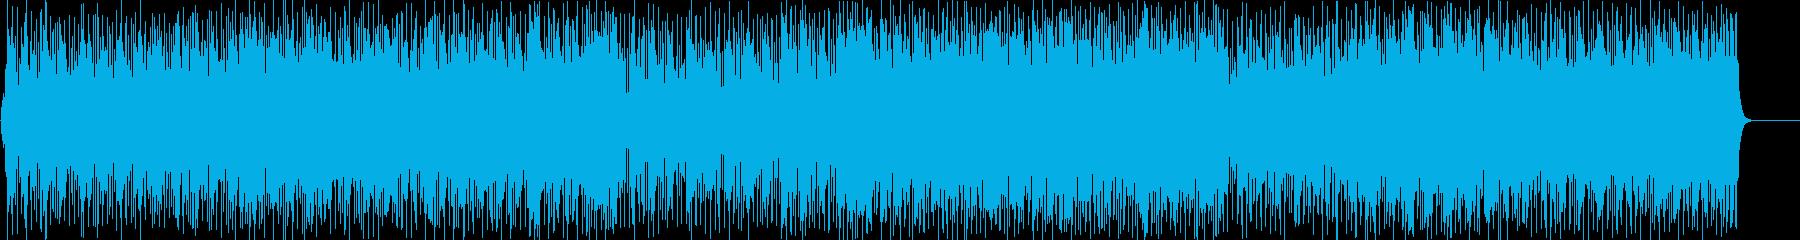 青空 昼さがり 休日 さわやか 軽快の再生済みの波形